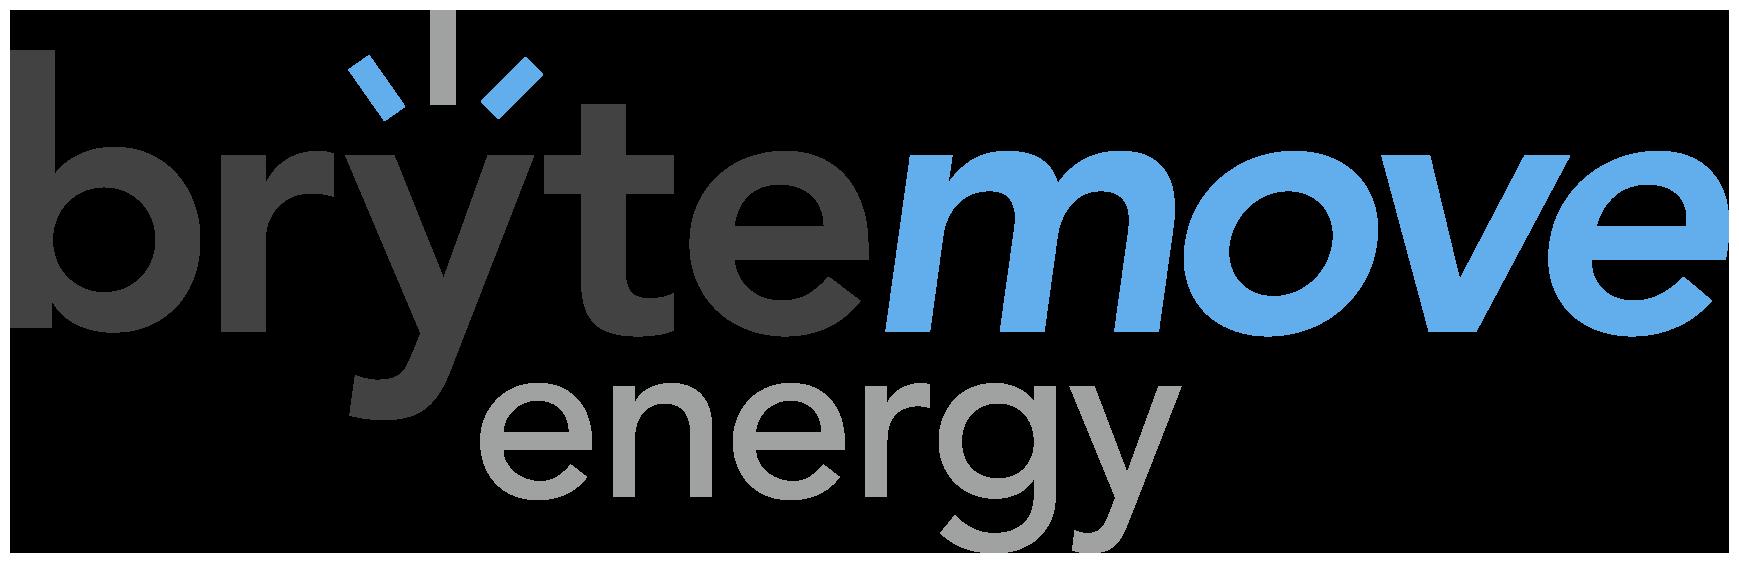 BryteMoveEnergy